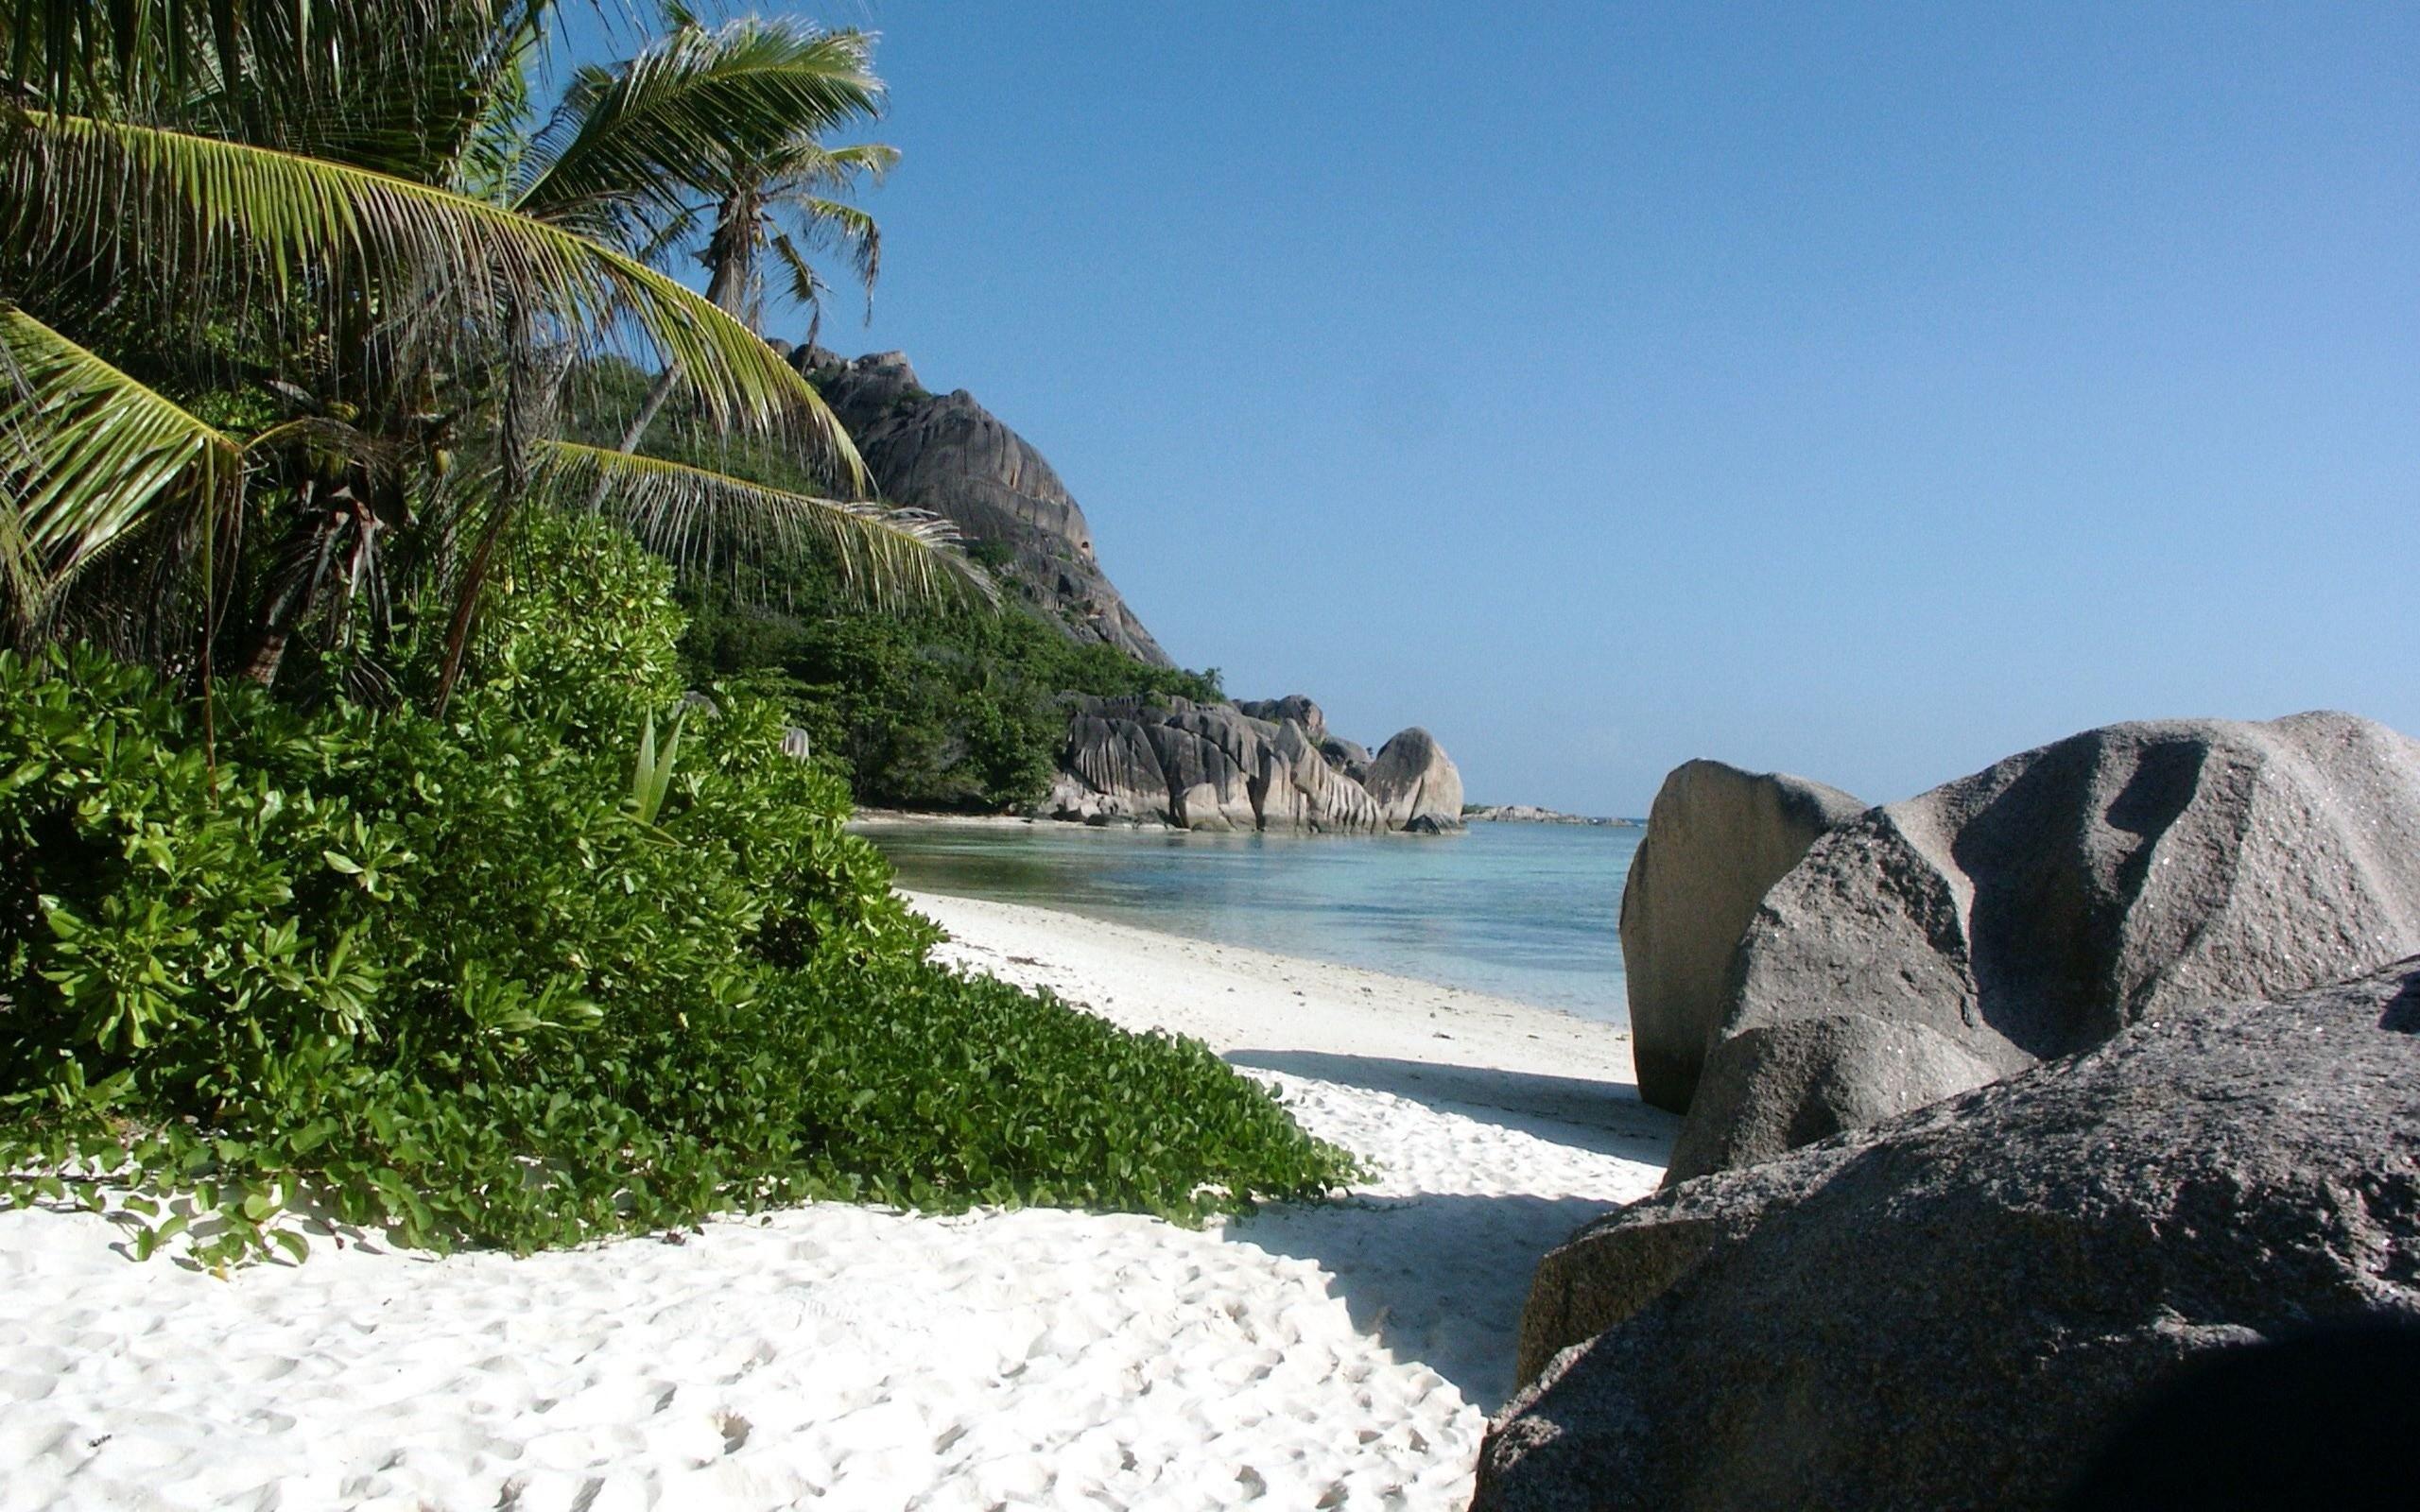 того, как фото тропических берегов два десятка